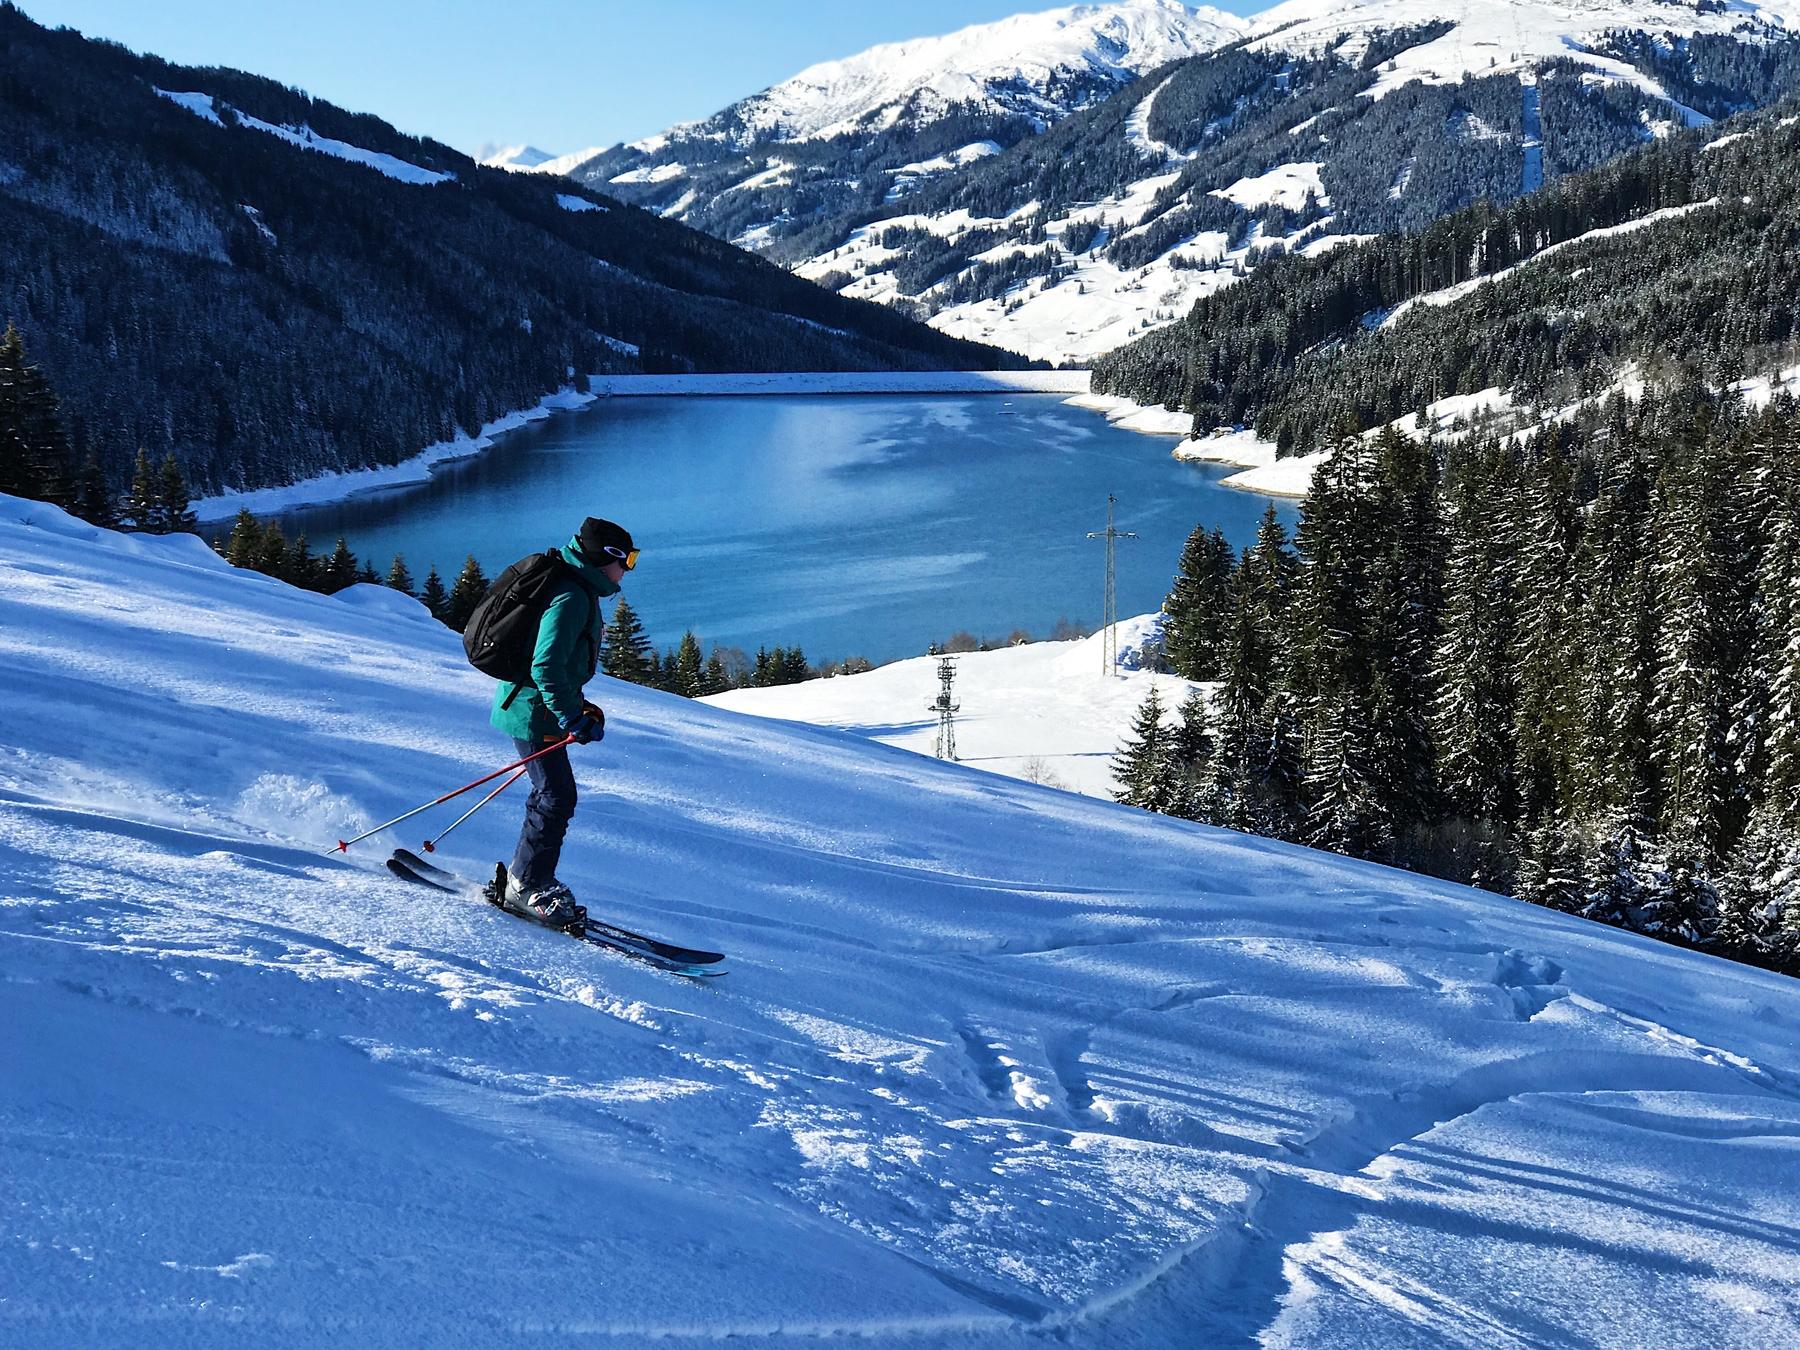 esquiar en la naturaleza